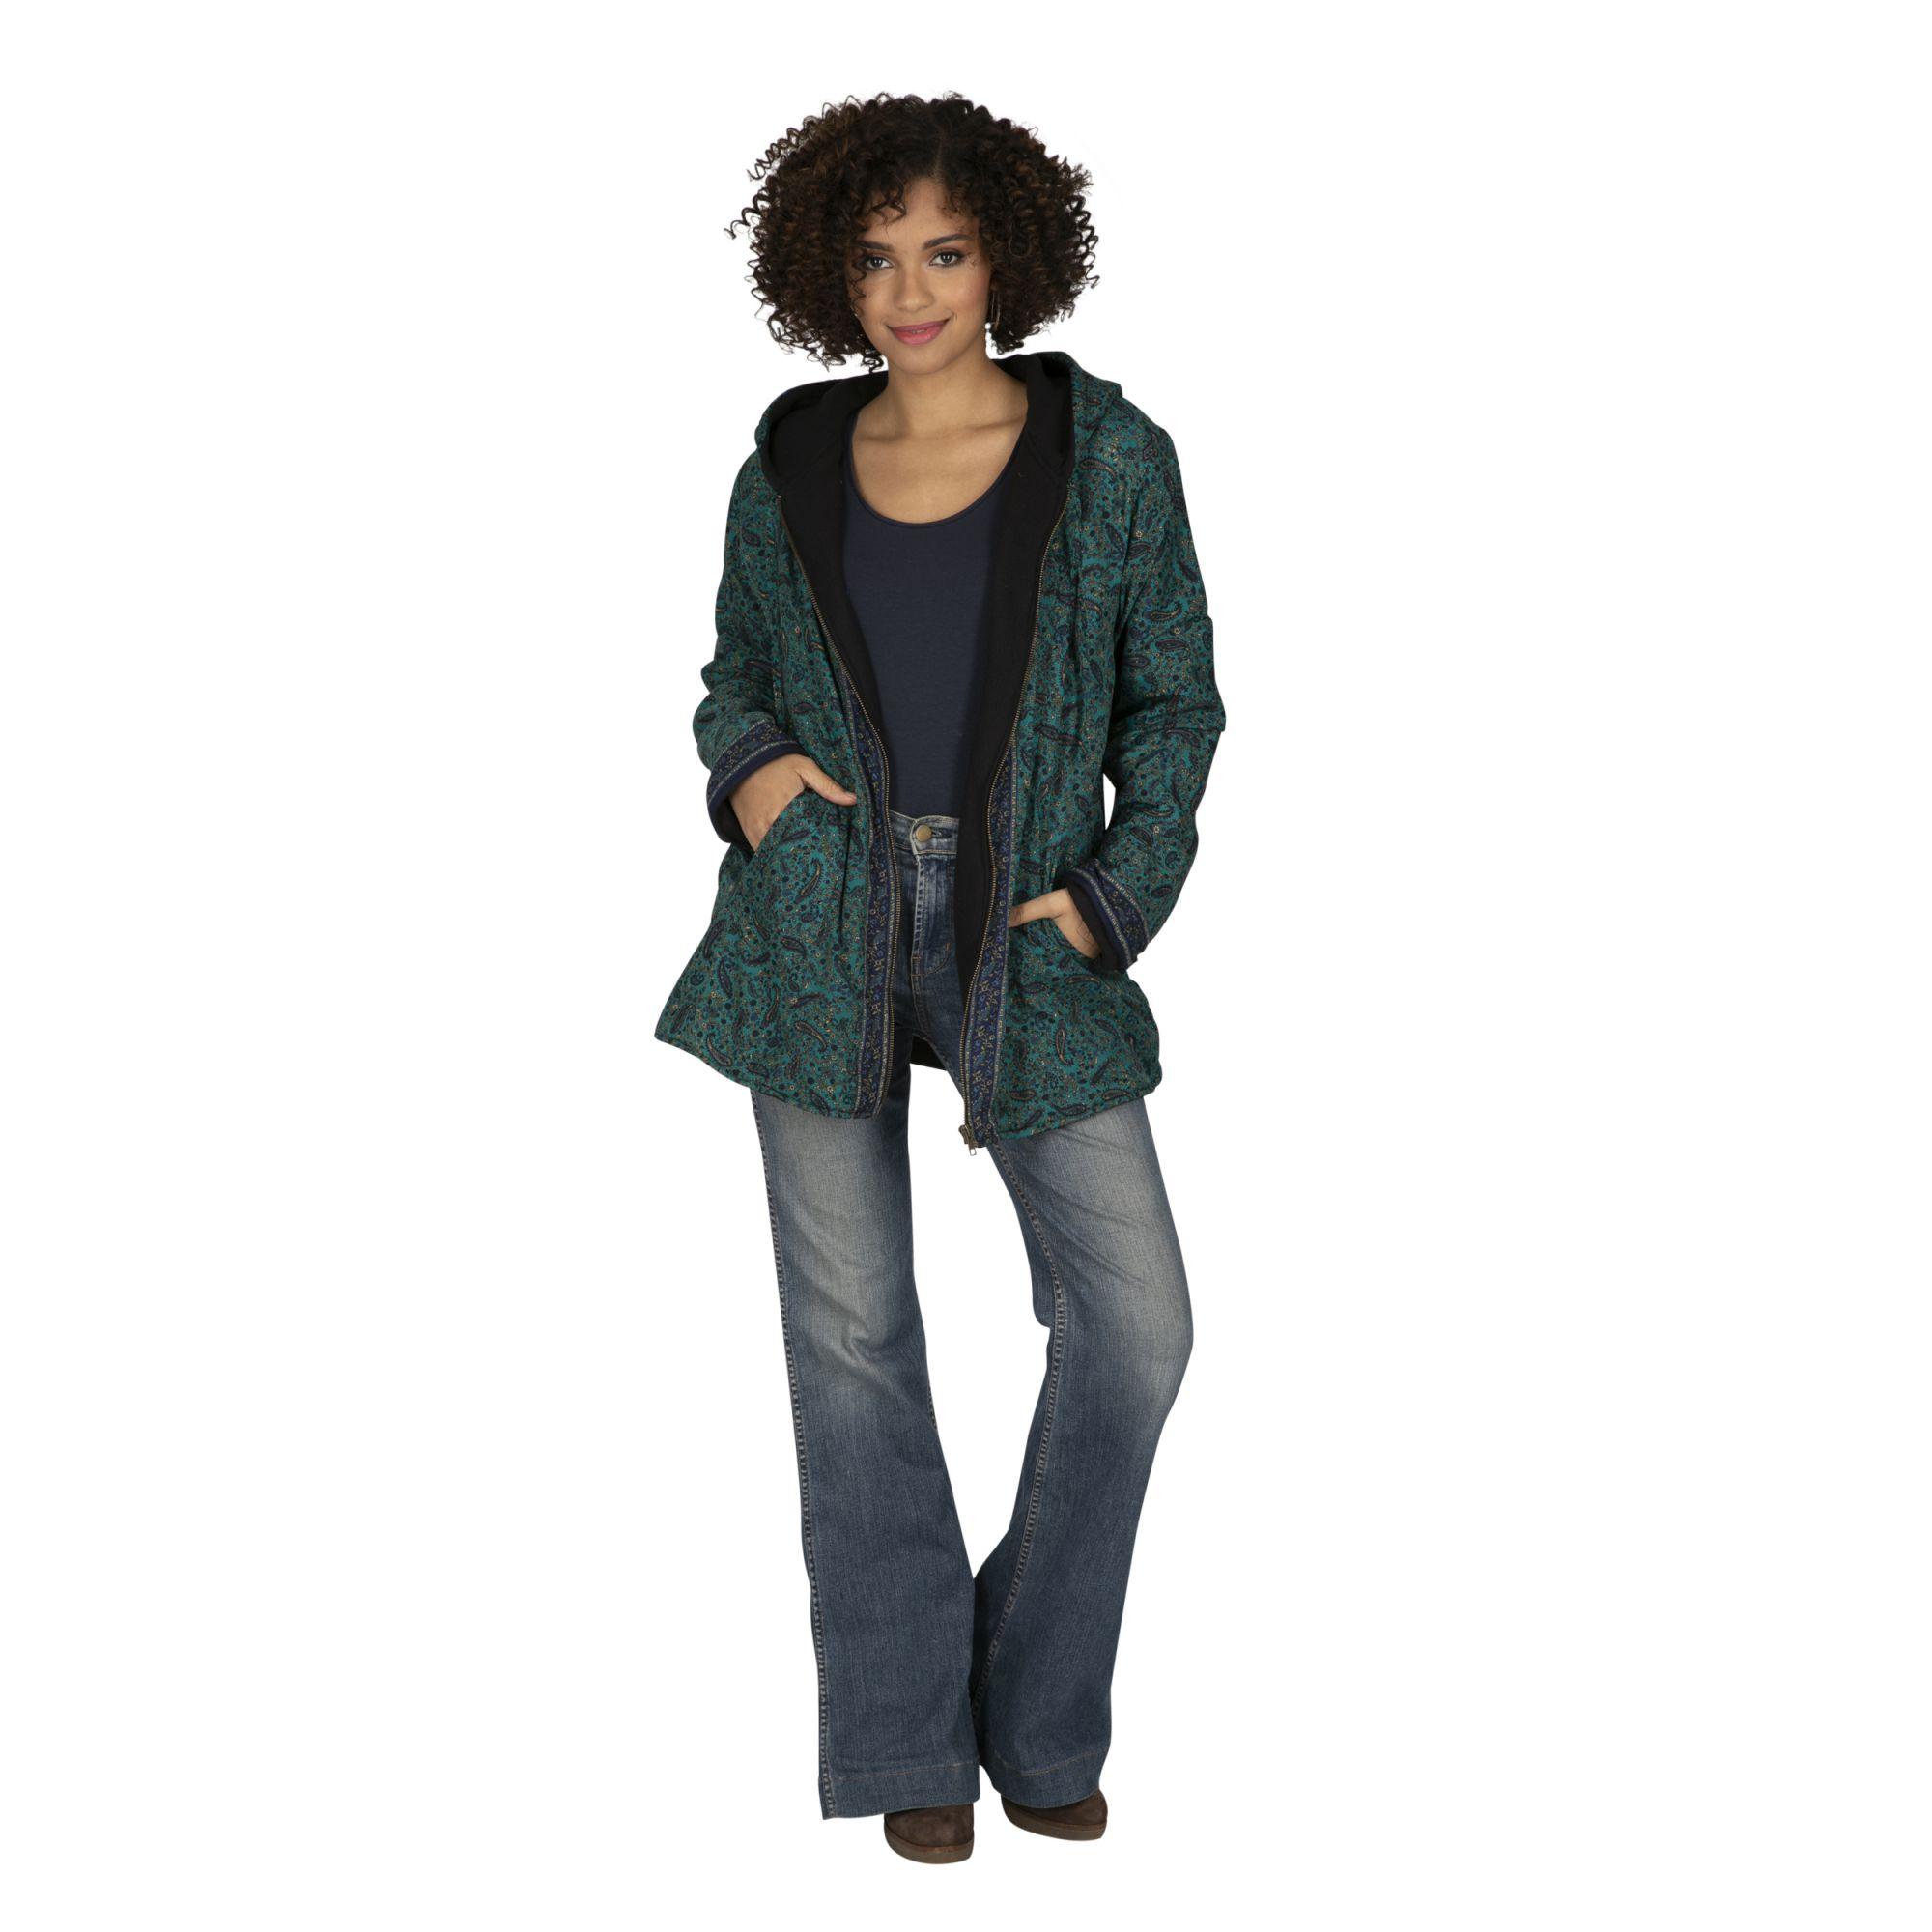 Veste femme automne ou hiver mi-longue à capuche Colomba